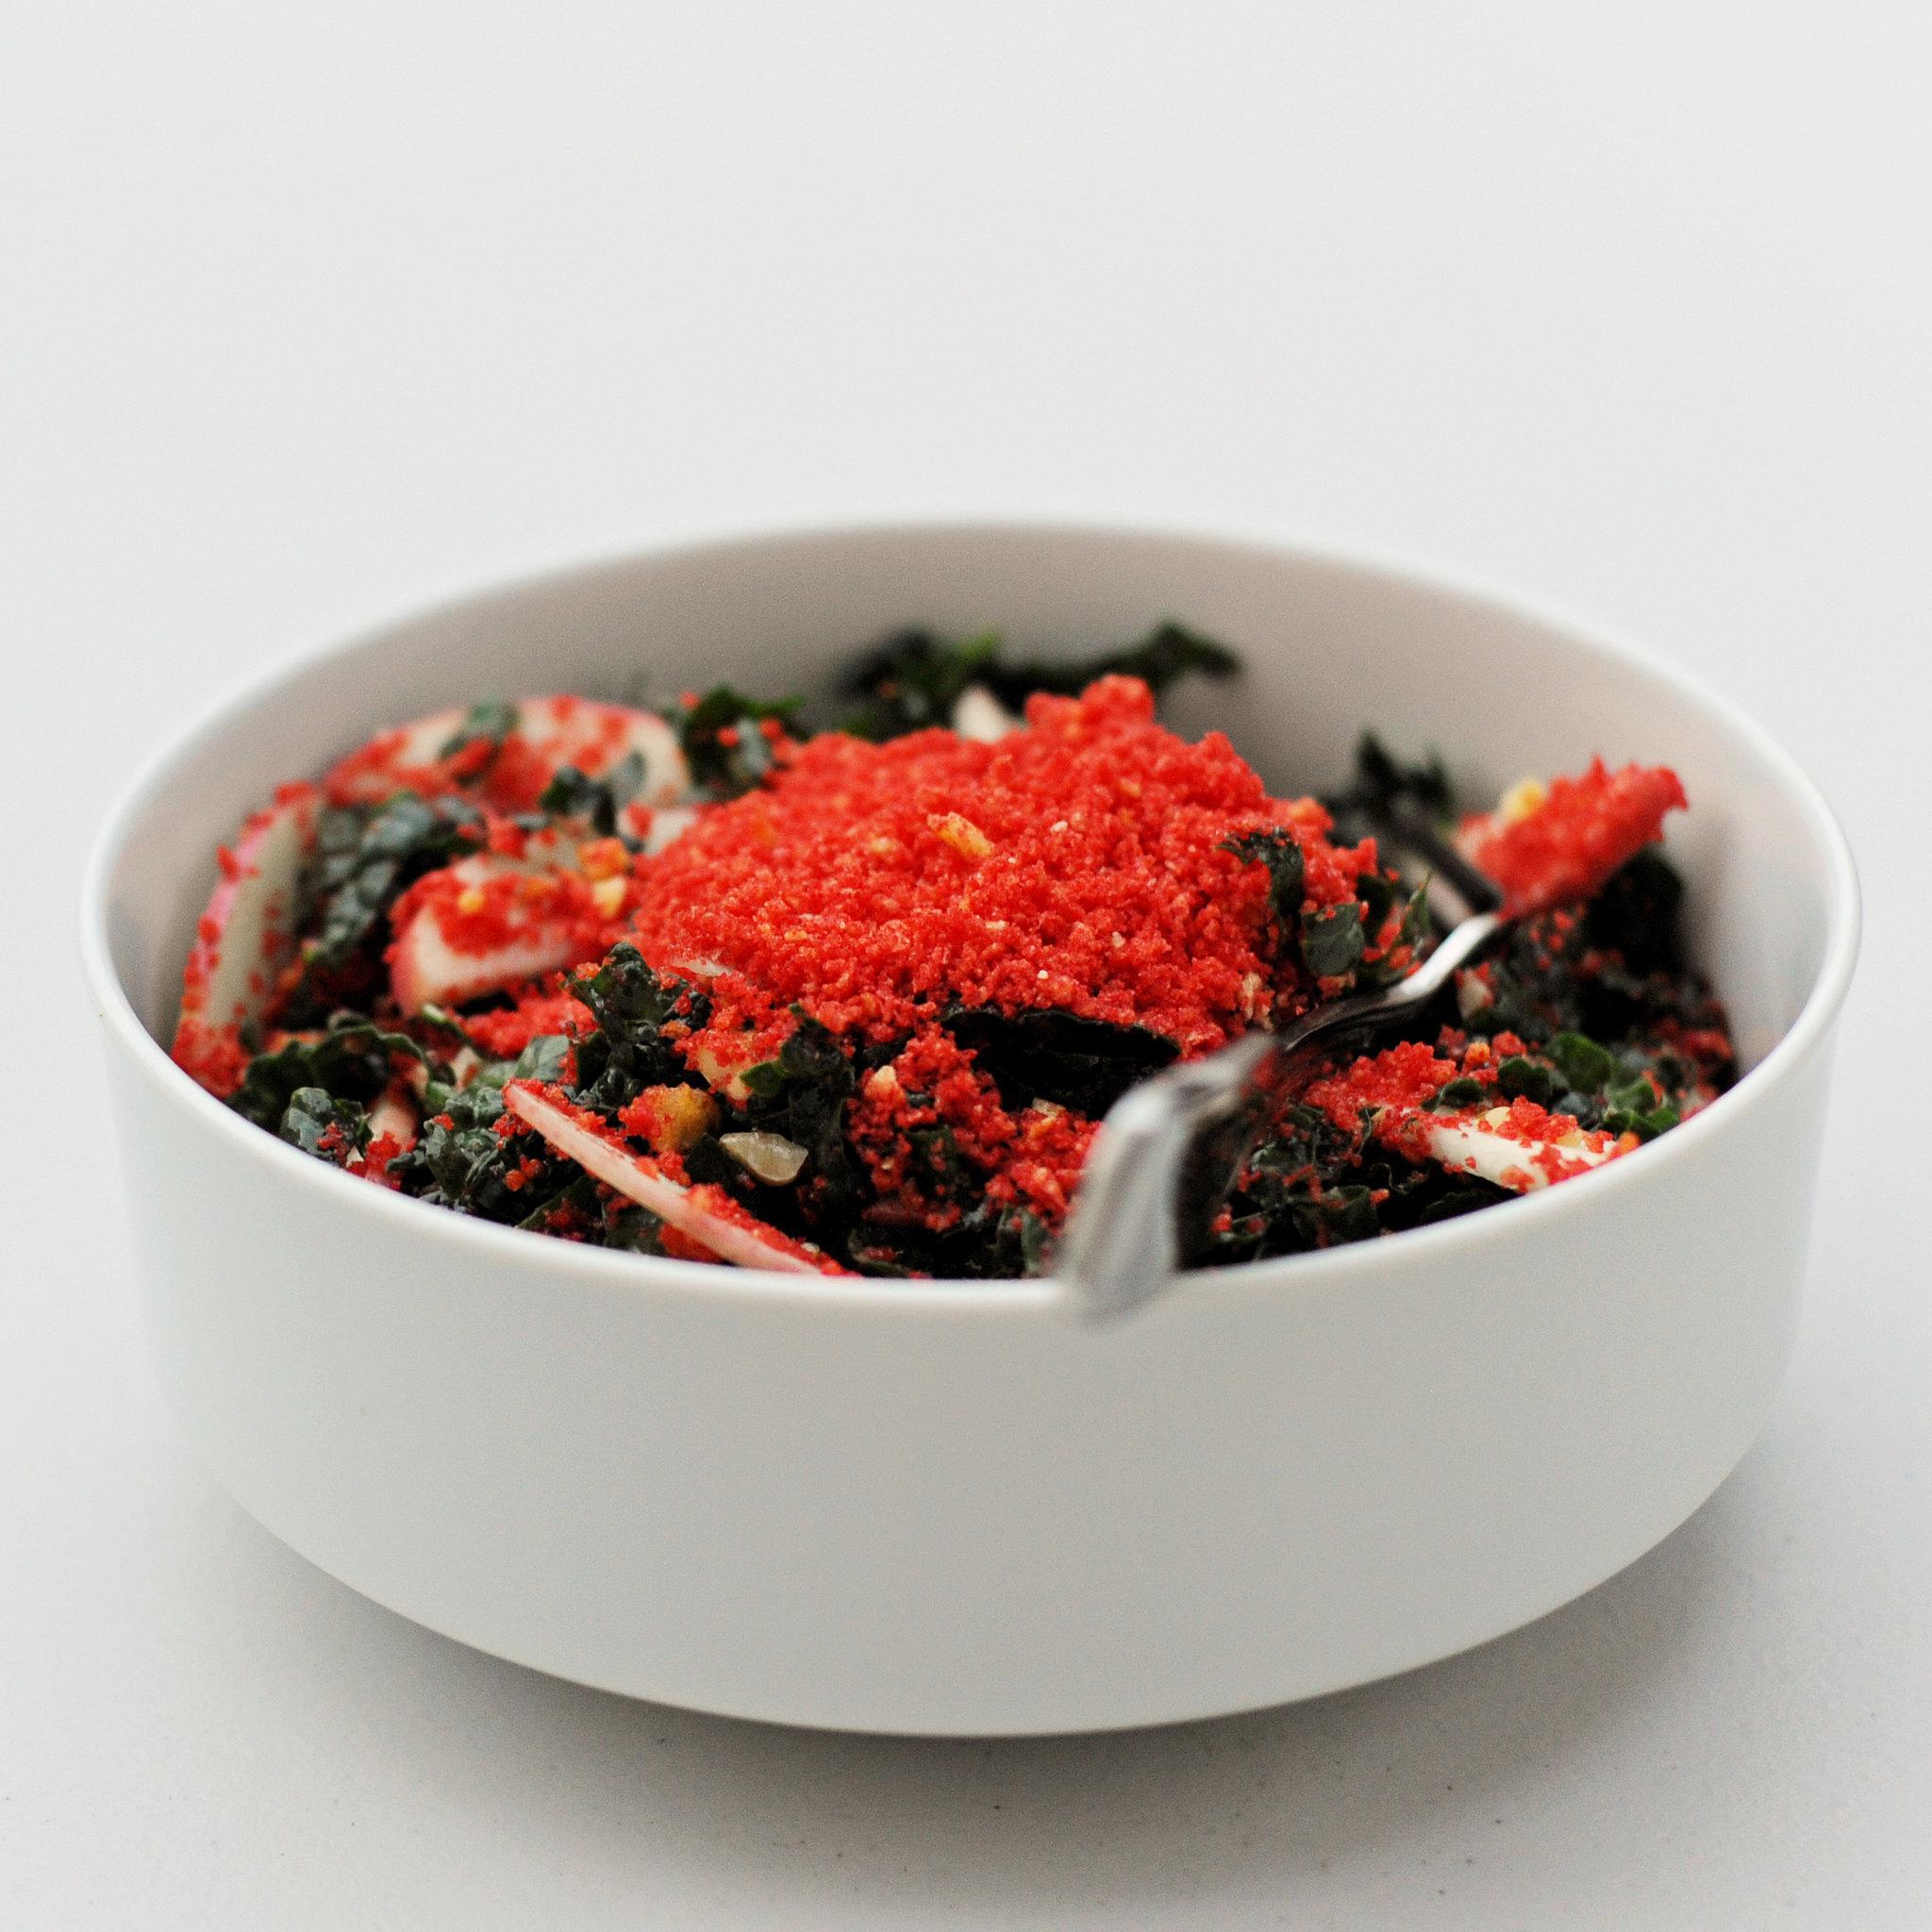 Hot Cheetos Kale Salad